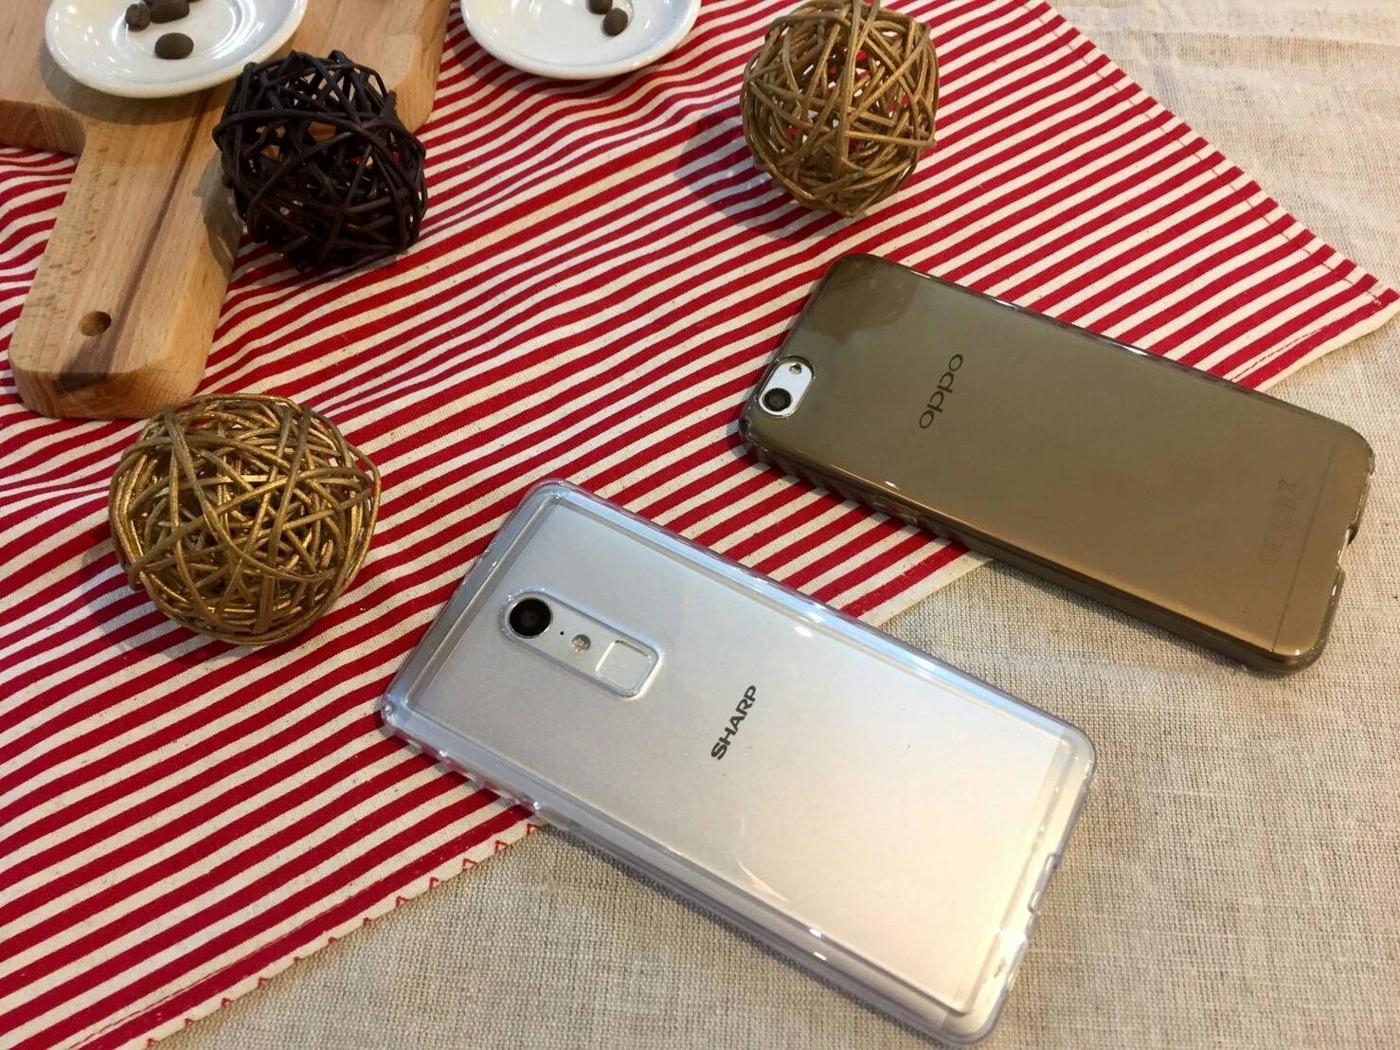 『矽膠軟殼套』ASUS ZenFone5 A502CG T00K 透明殼 背殼套 果凍套 清水套 手機套 手機殼 保護套 保護殼